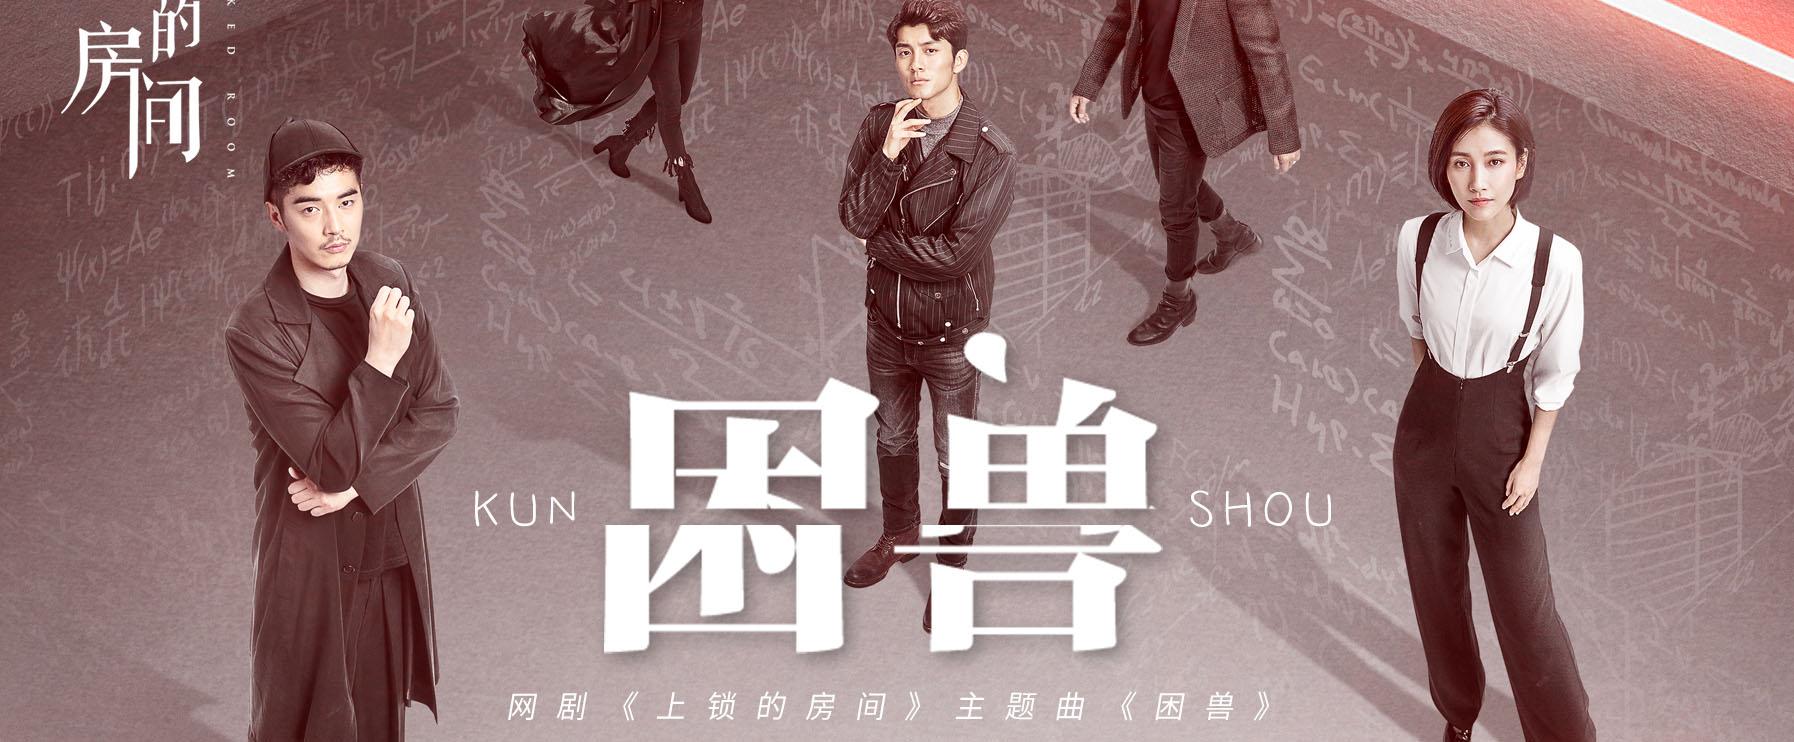 王啸坤演唱《困兽》MV发布 展现人物的呐喊和挣扎